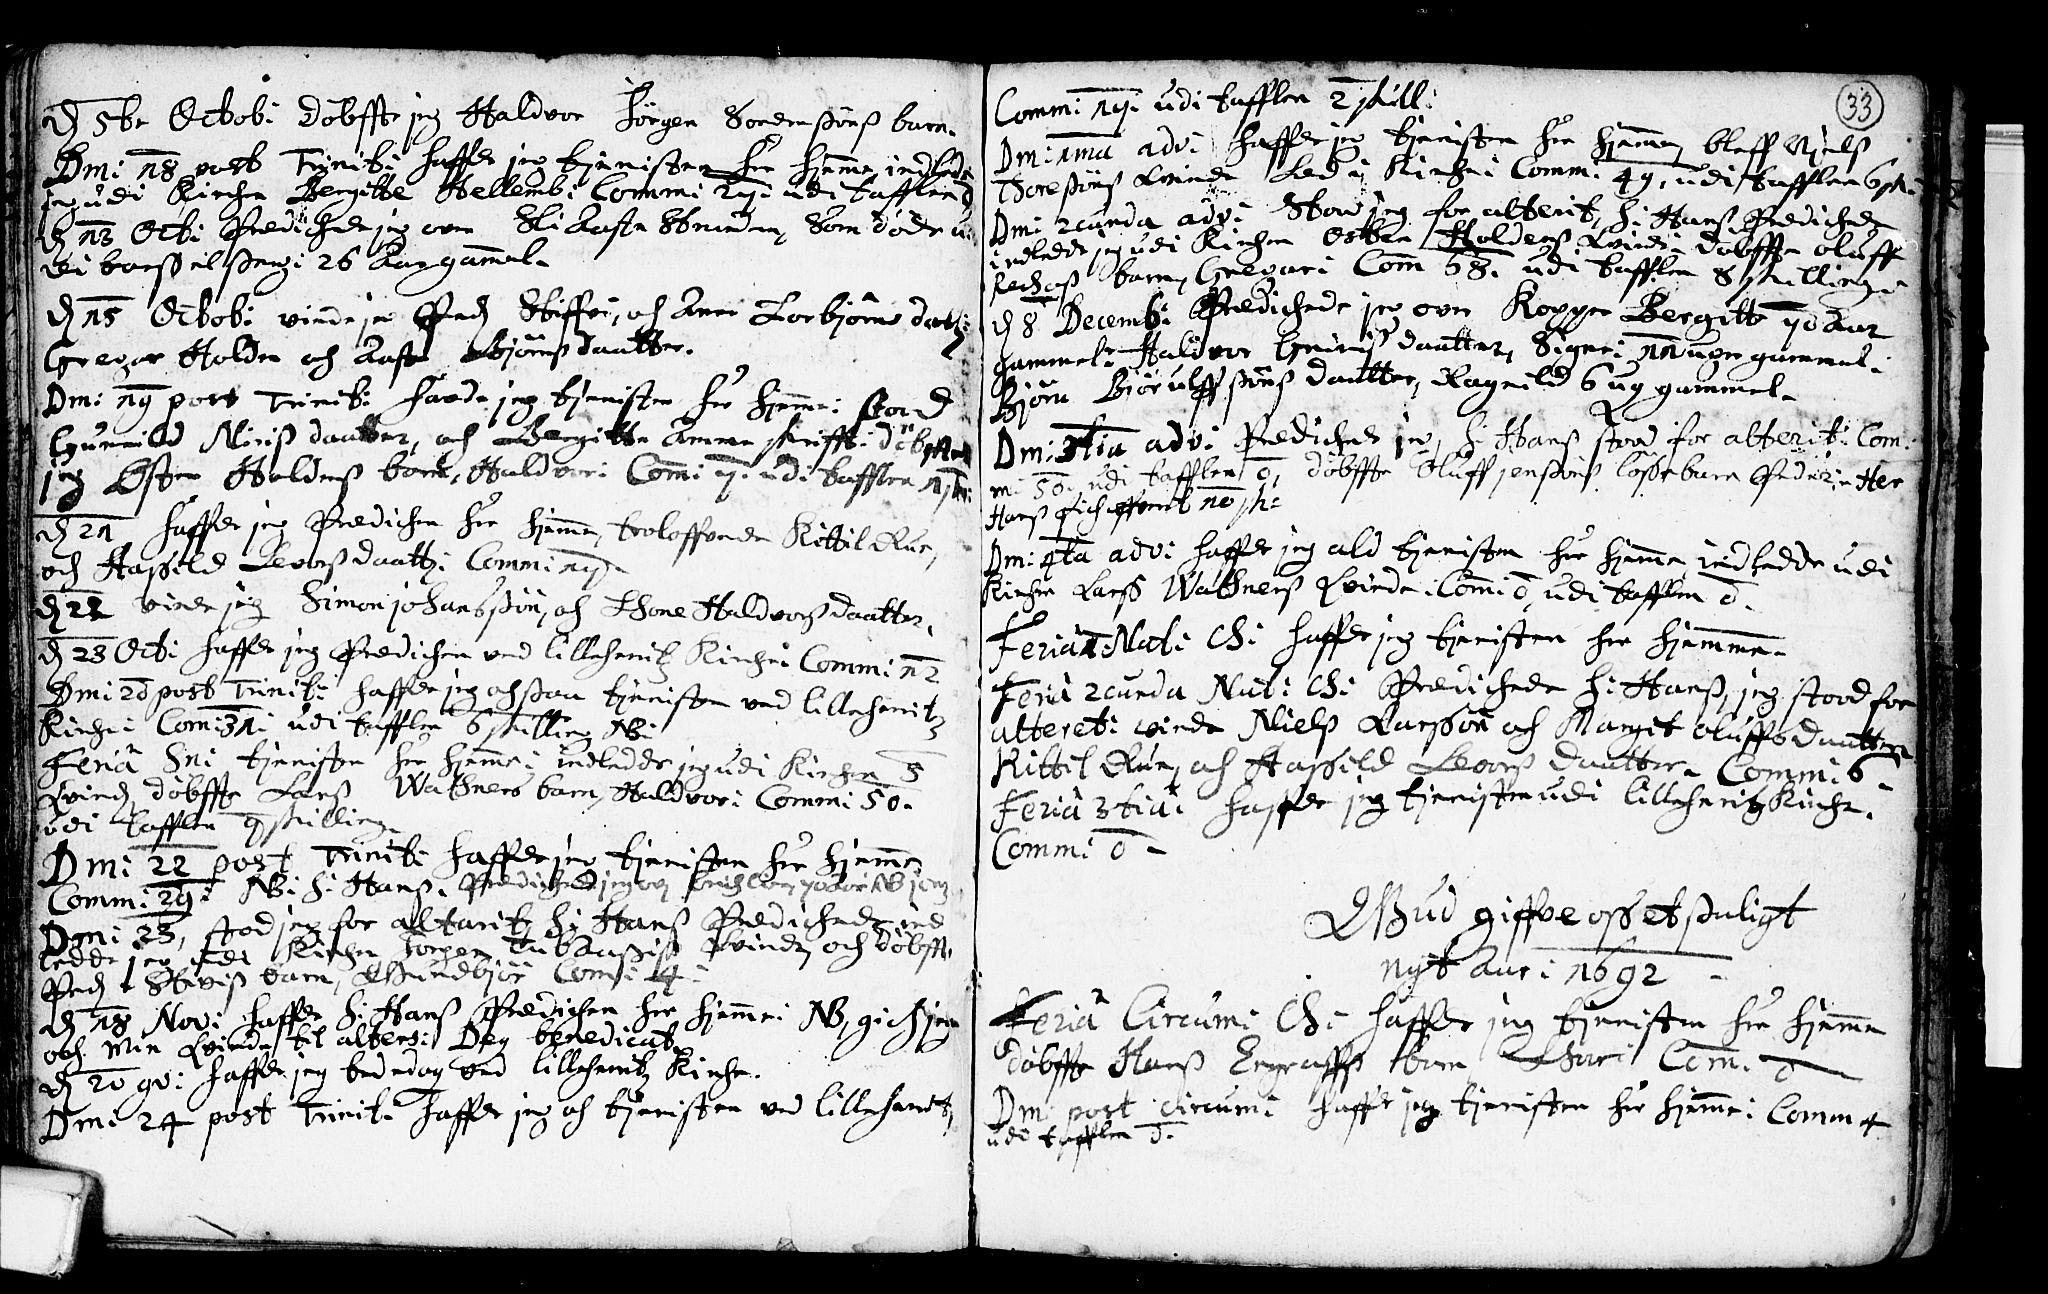 SAKO, Heddal kirkebøker, F/Fa/L0001: Ministerialbok nr. I 1, 1648-1699, s. 33